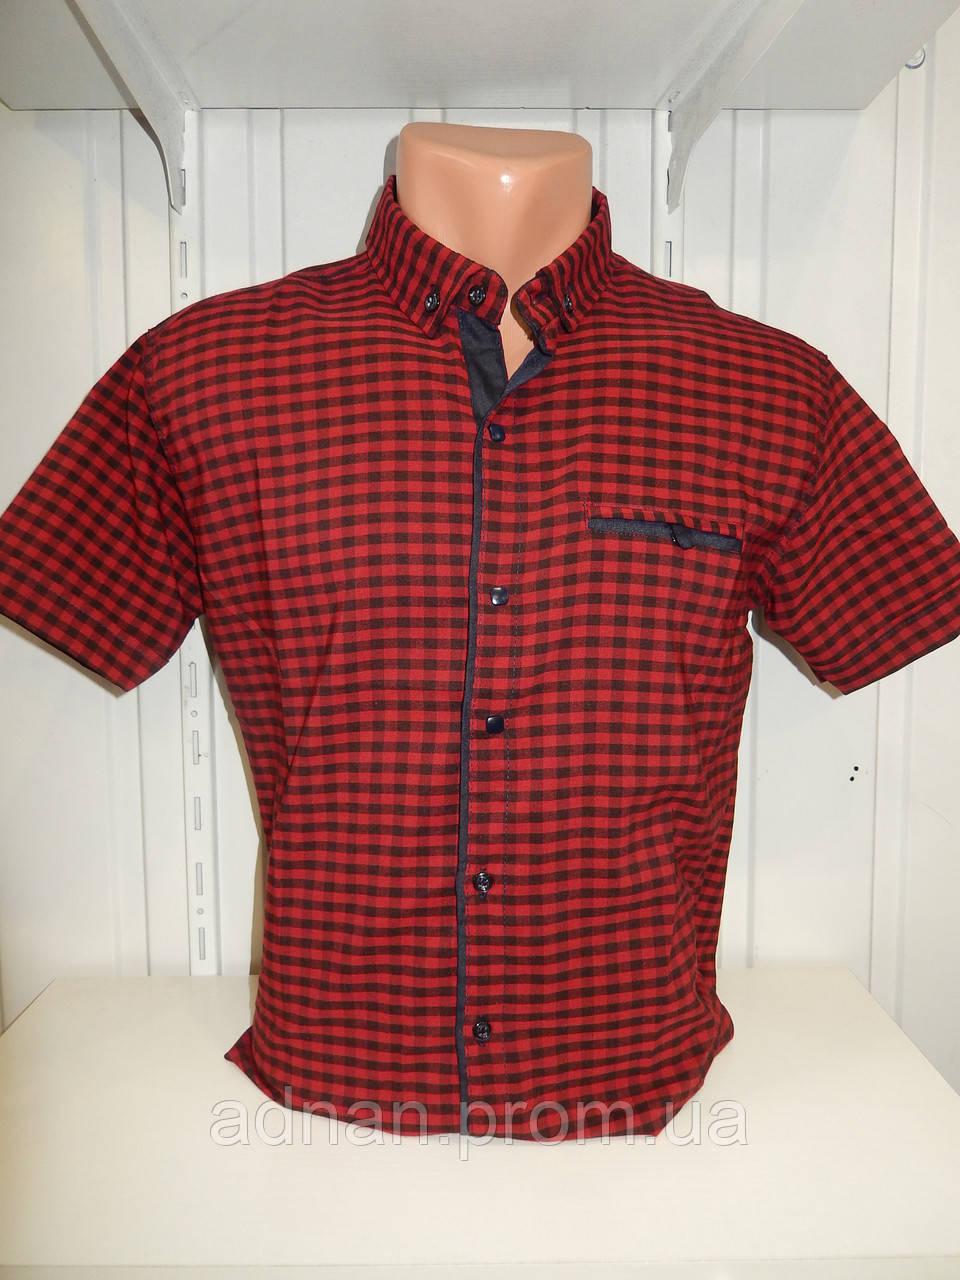 Рубашка мужская CORM короткий рукав, клетка, стрейч котон 002 \ купить рубашку оптом.